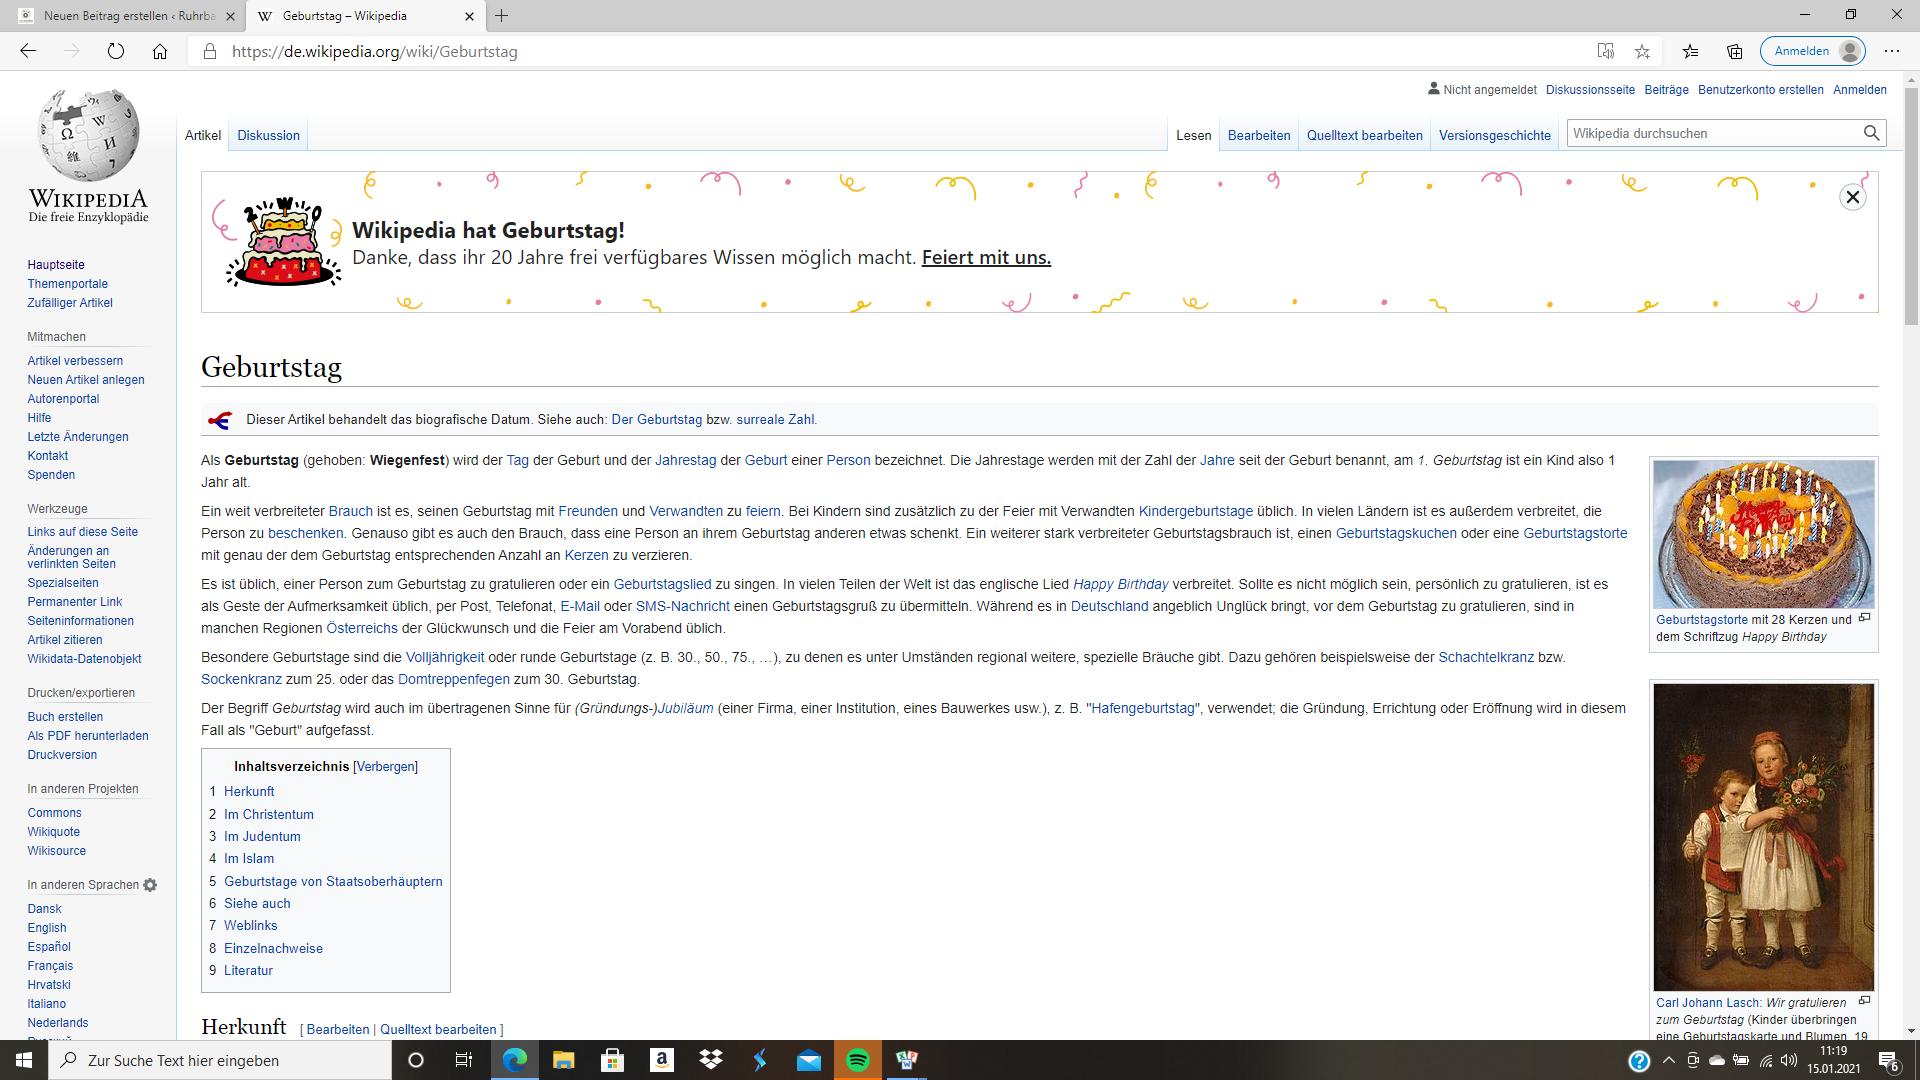 Die-Ruhrbarone-gratulieren-Wikipedia-zum-Geburtstag